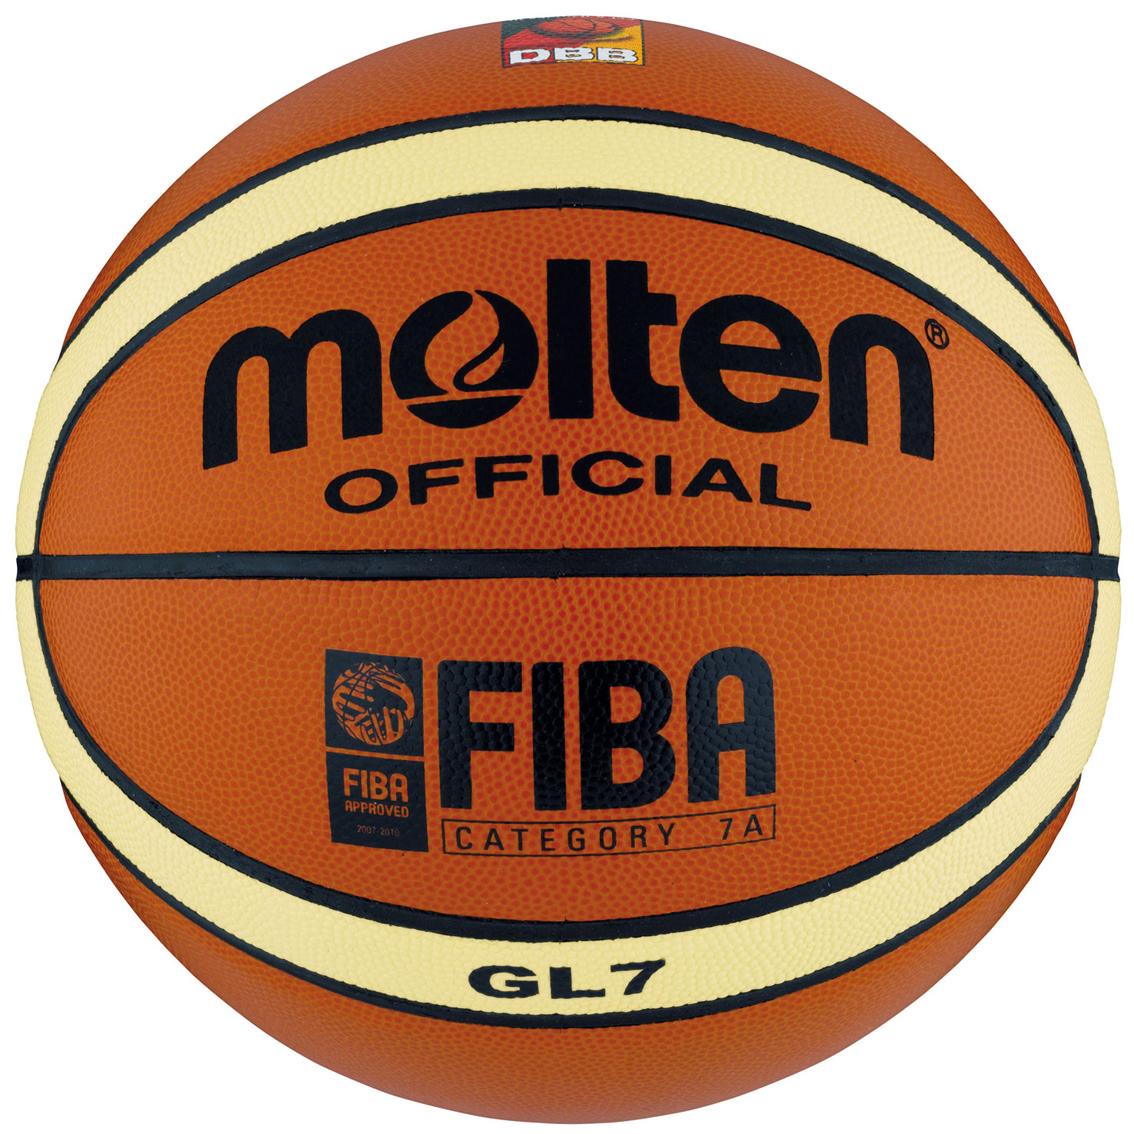 Basketball (ball) - Wikipedia